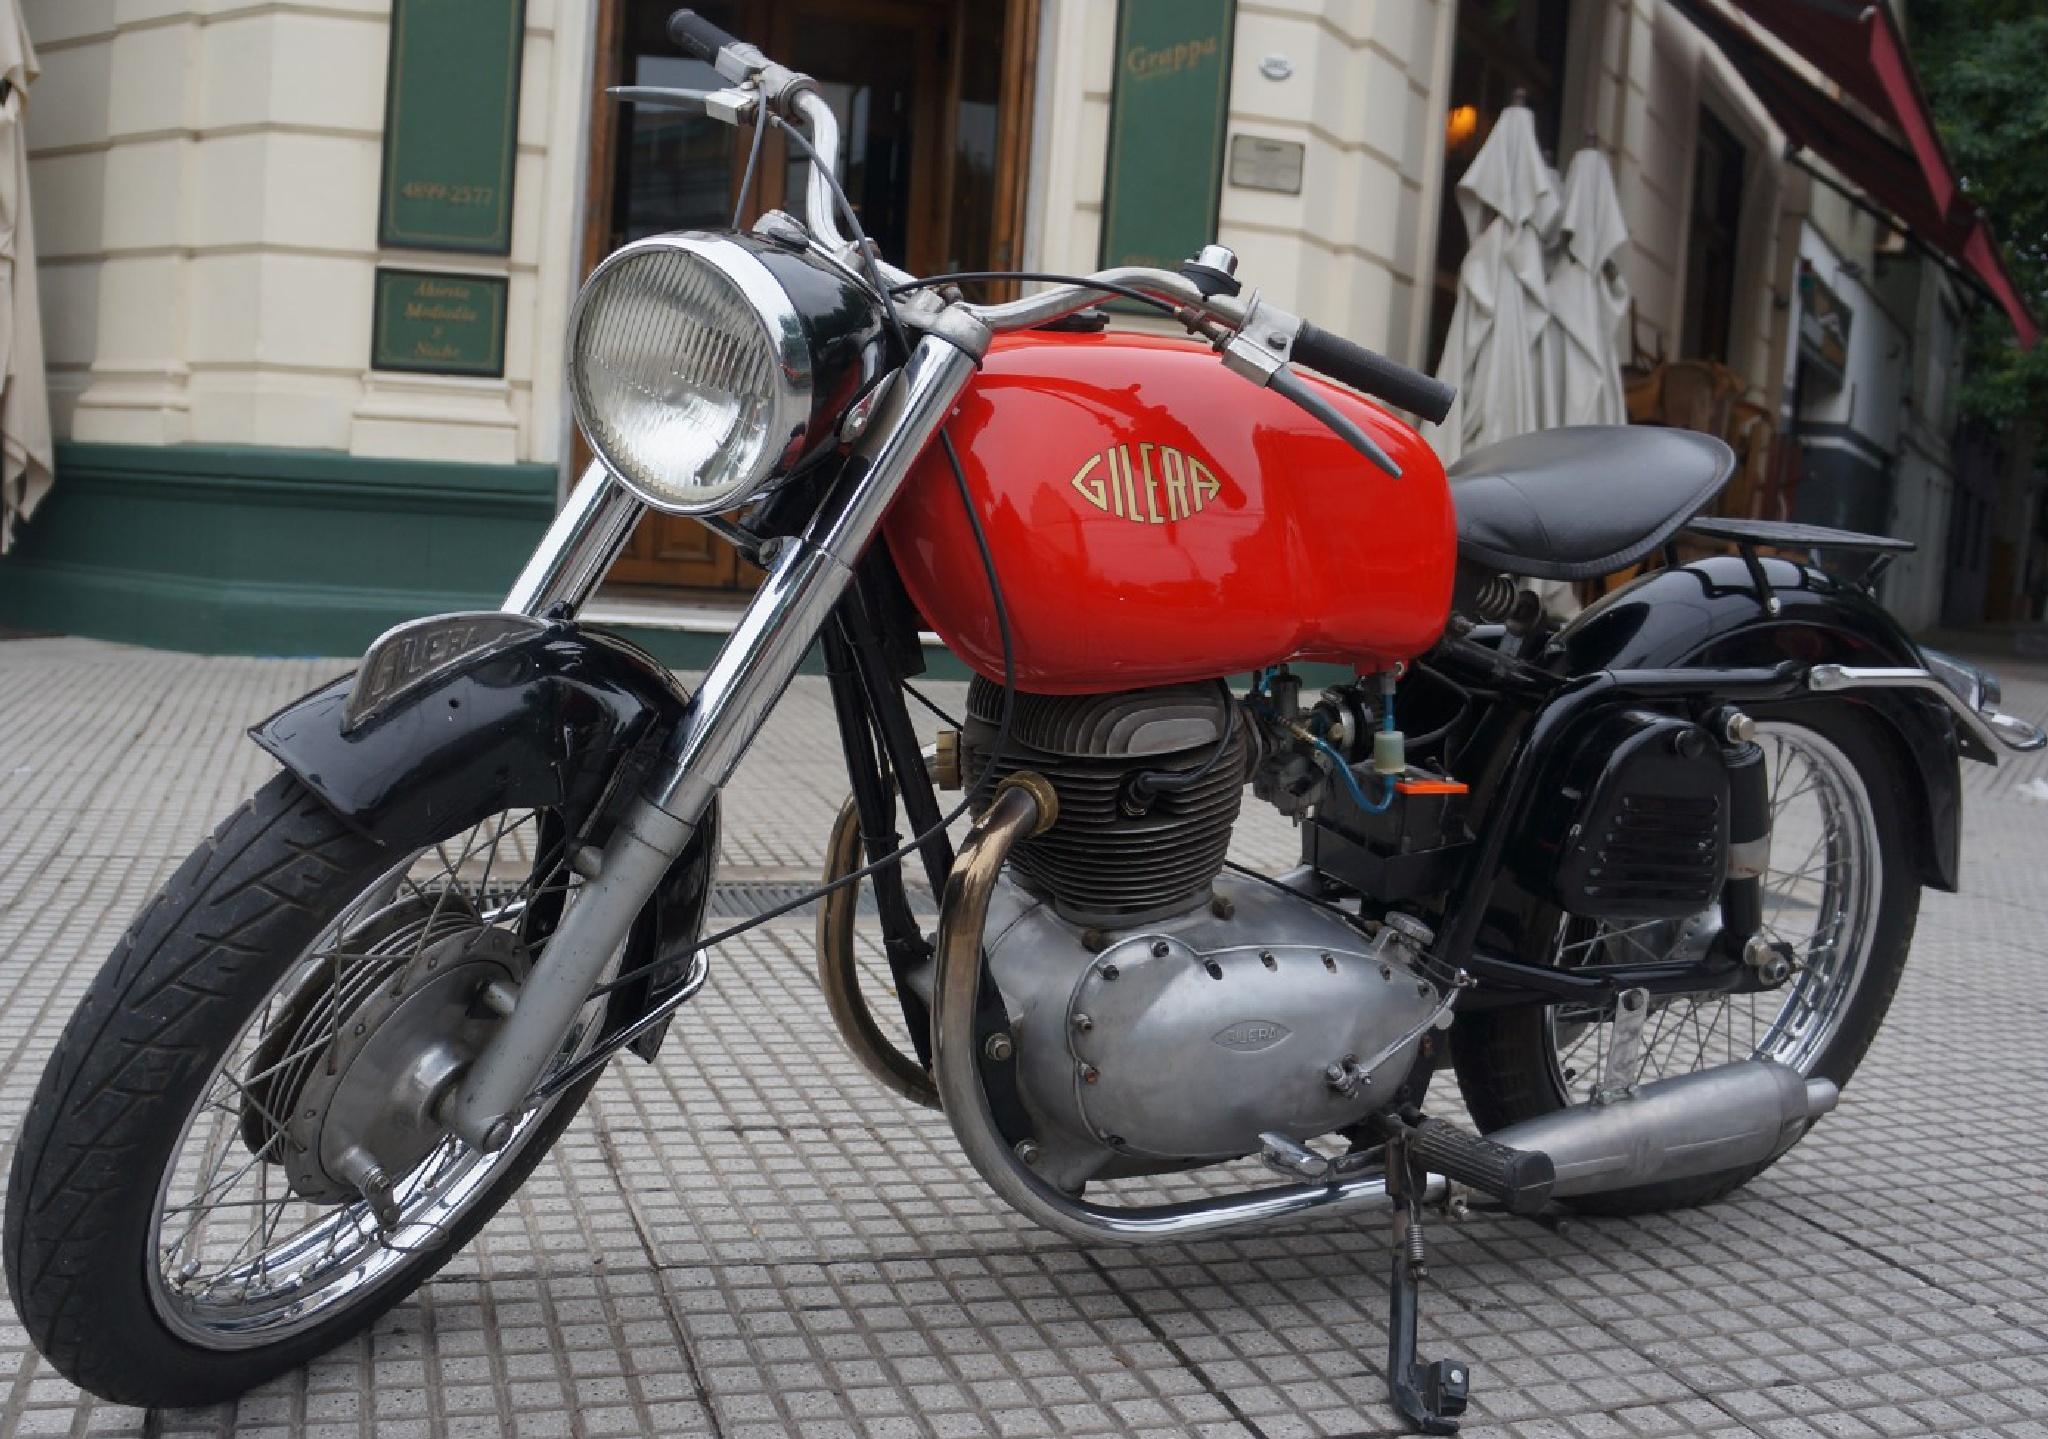 Moto Gilera B 300 by arcar.org